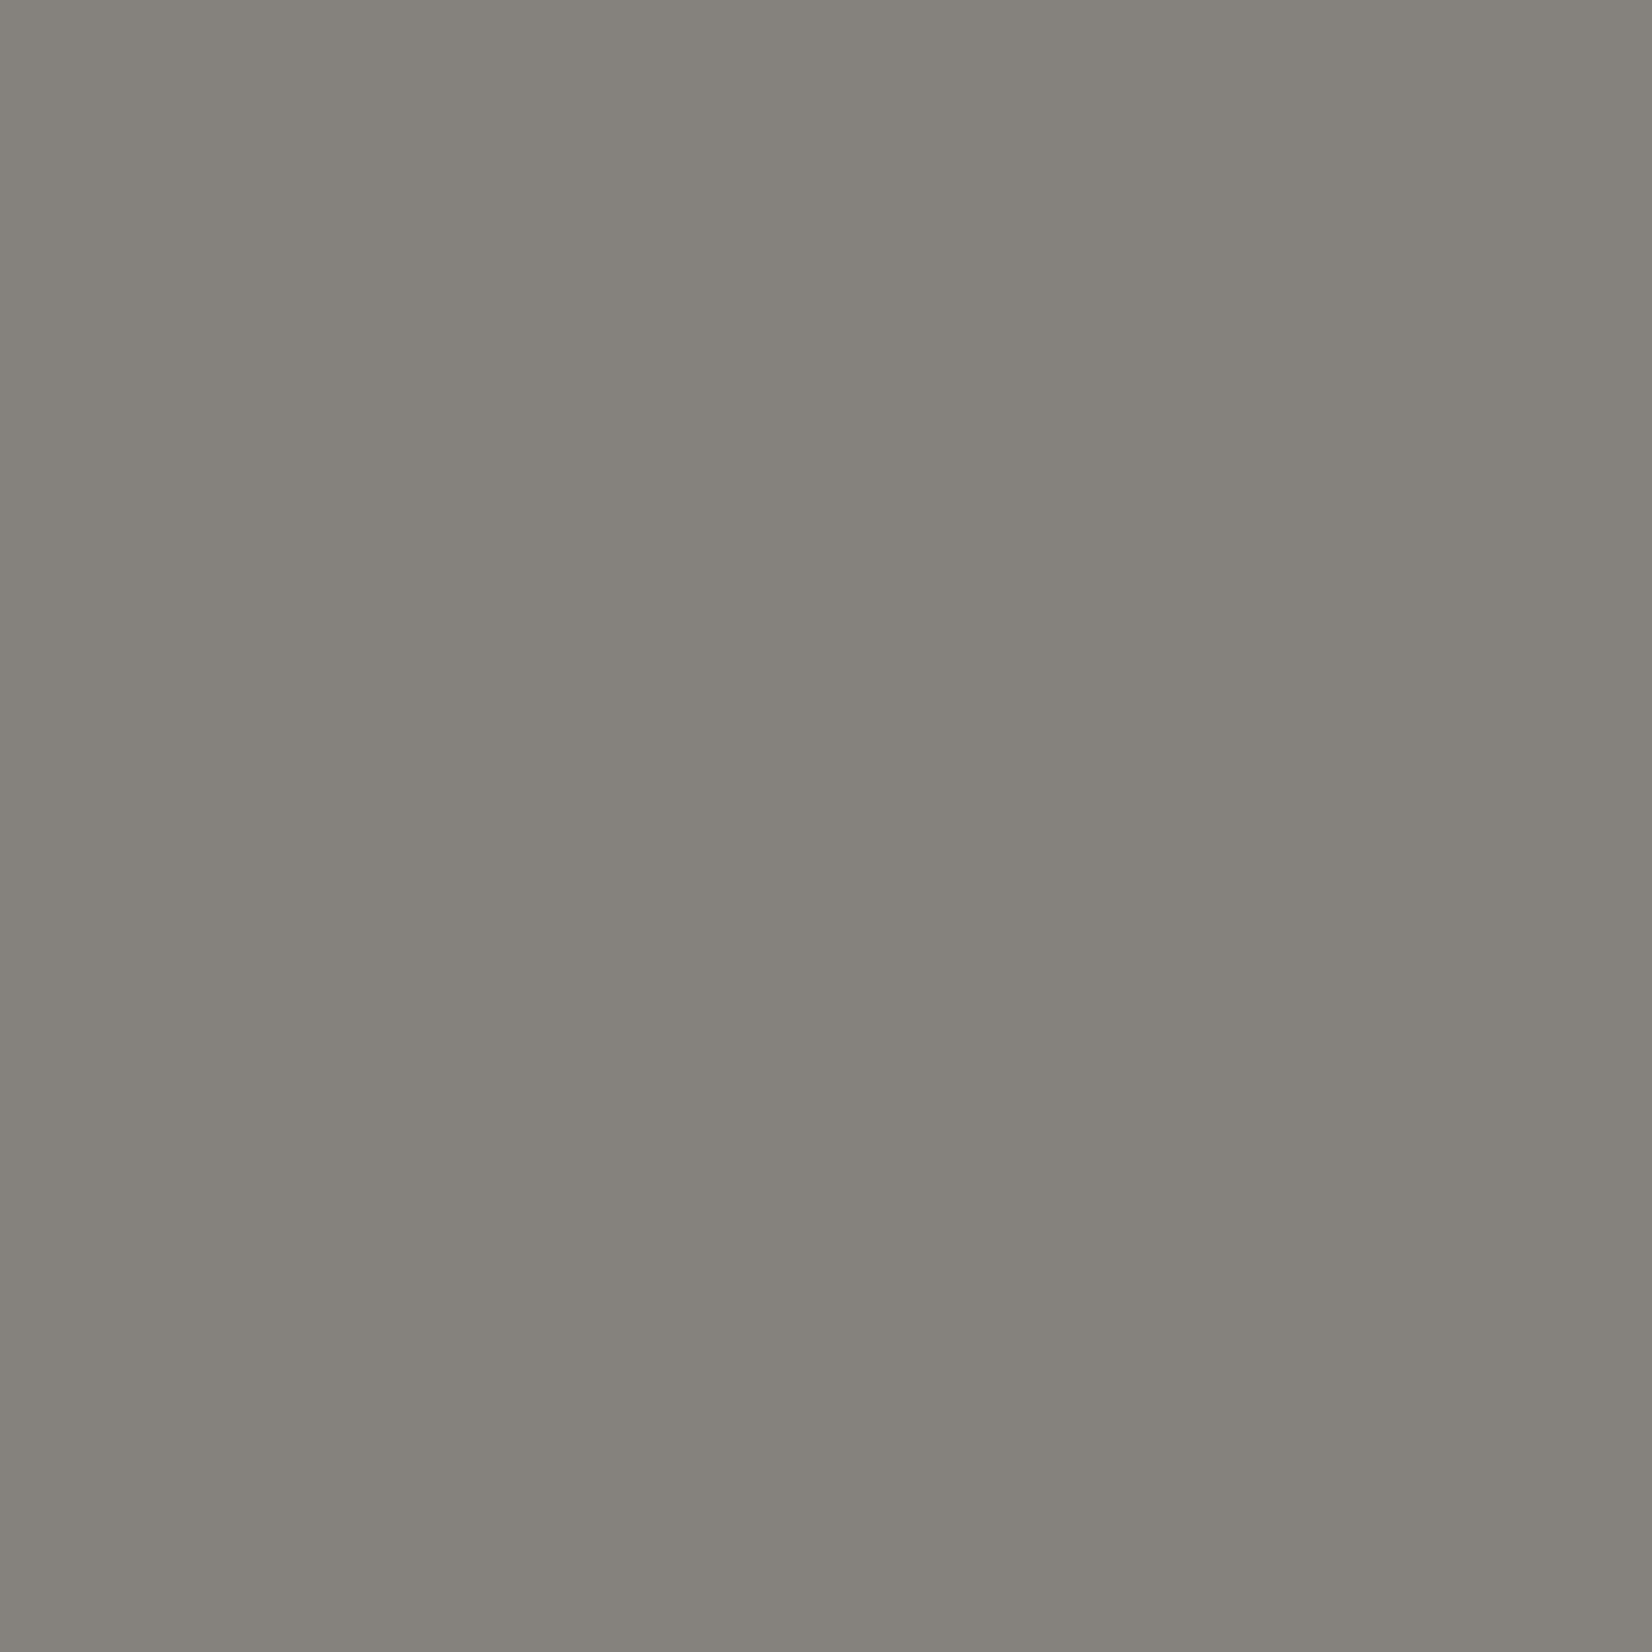 Andover CENTURY SOLIDS - TRUFFLE -  PER CM OR $14/M